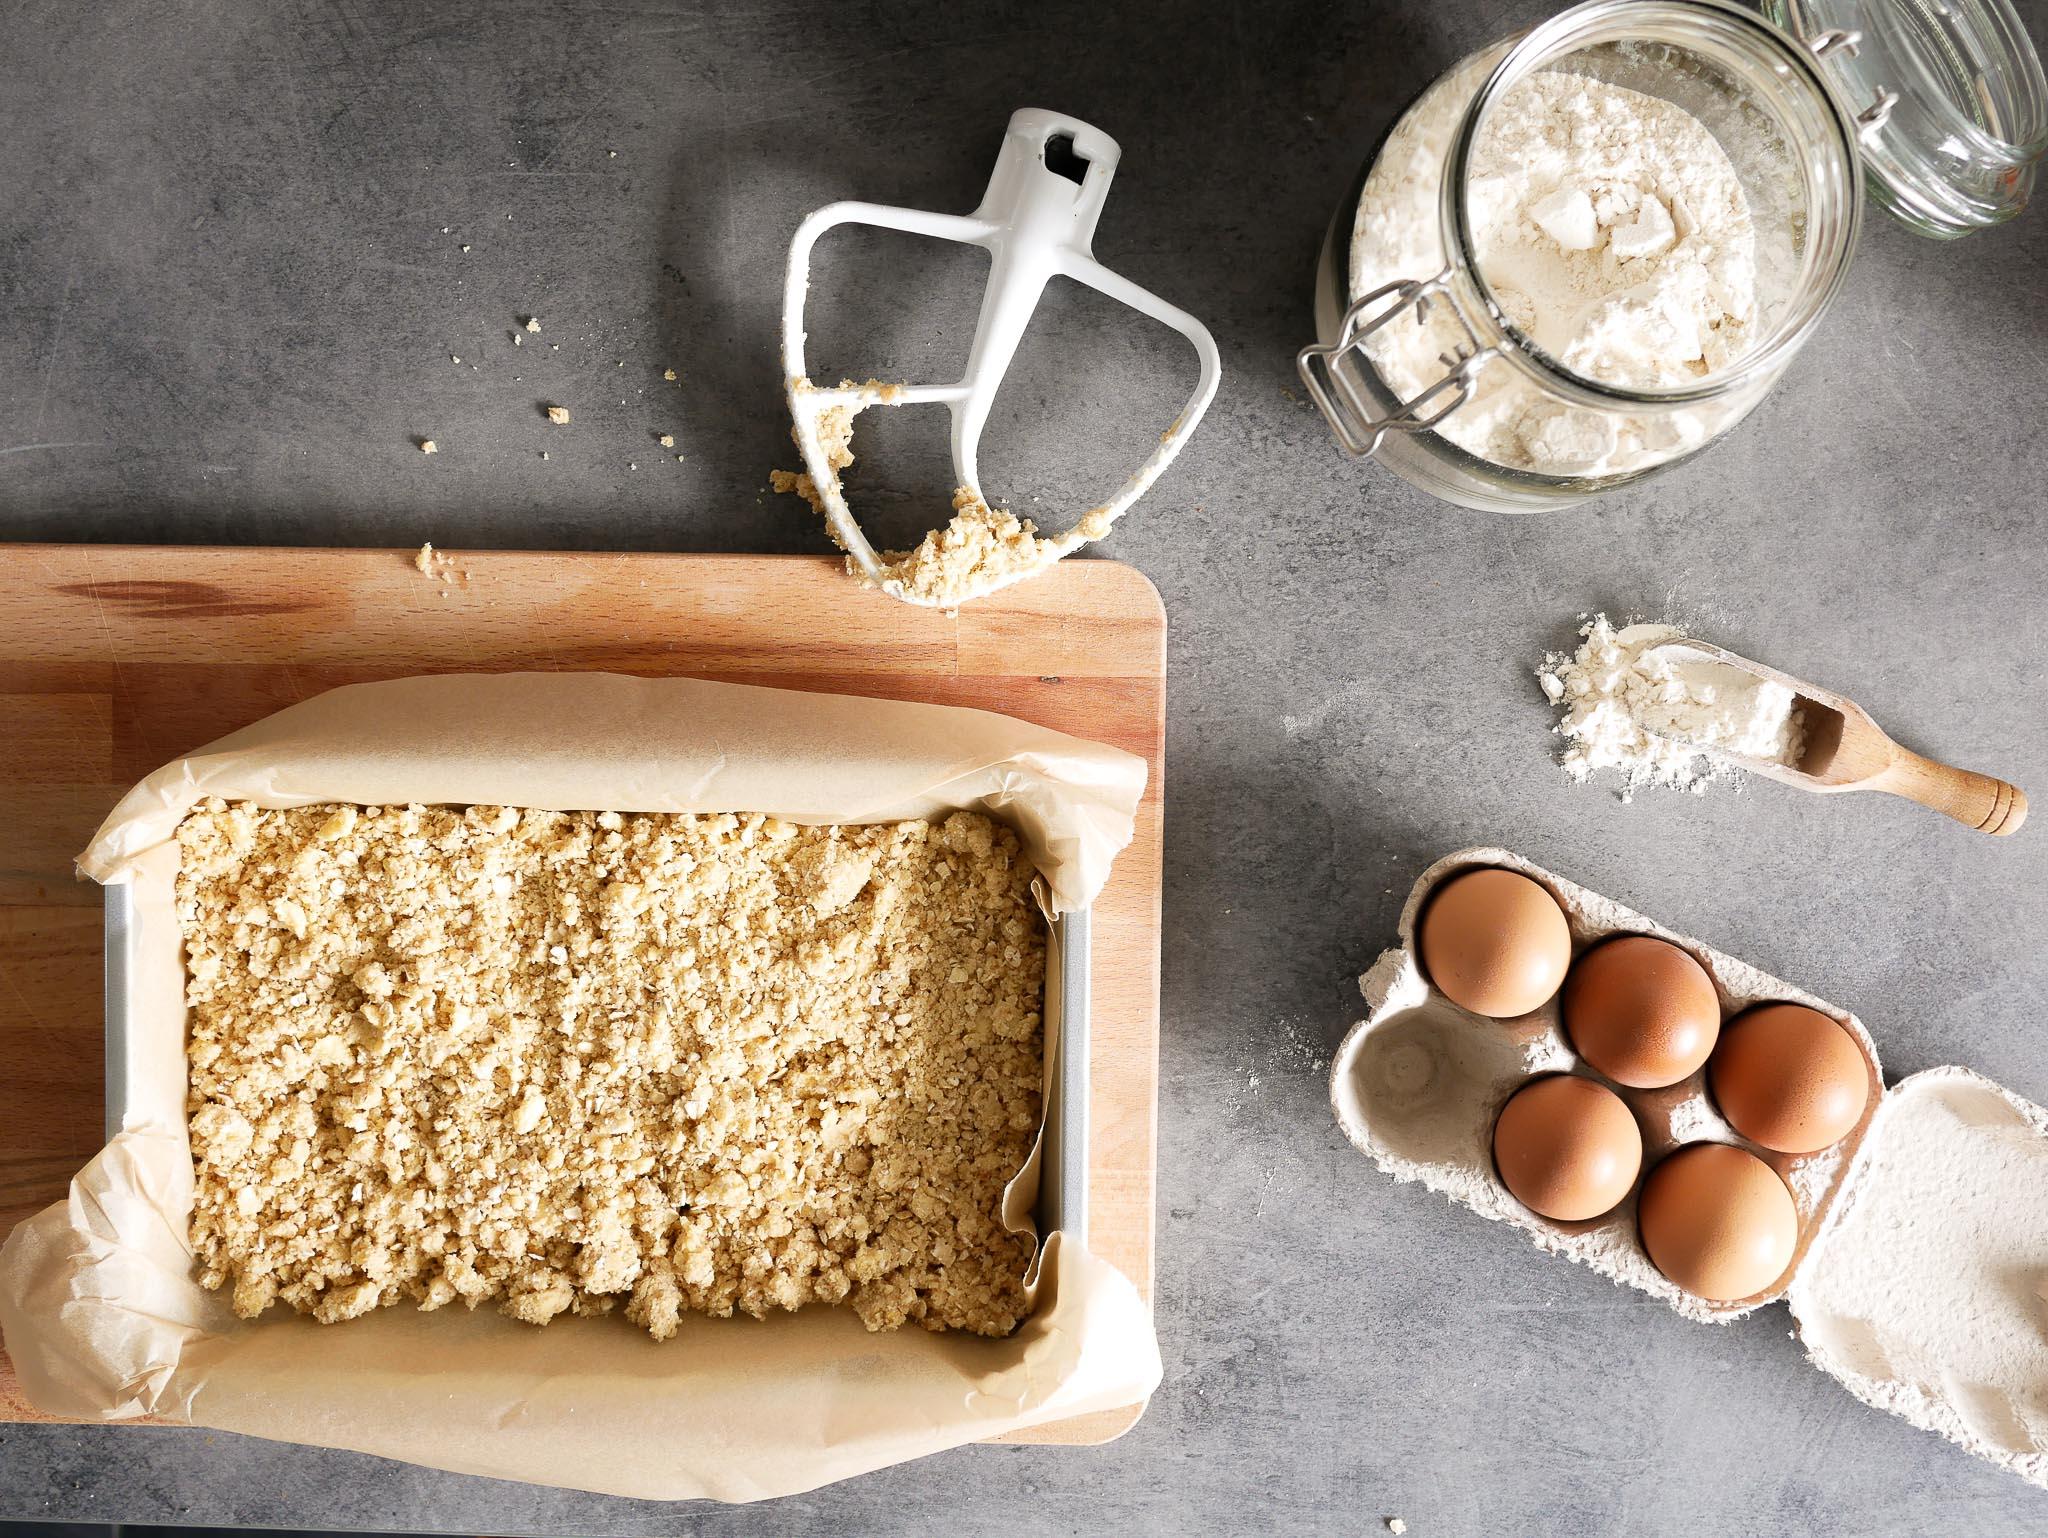 Les ingrédients nécessaires au crumbcake cassis : farine, oeuf, sucre, levure, flocons d'avoine